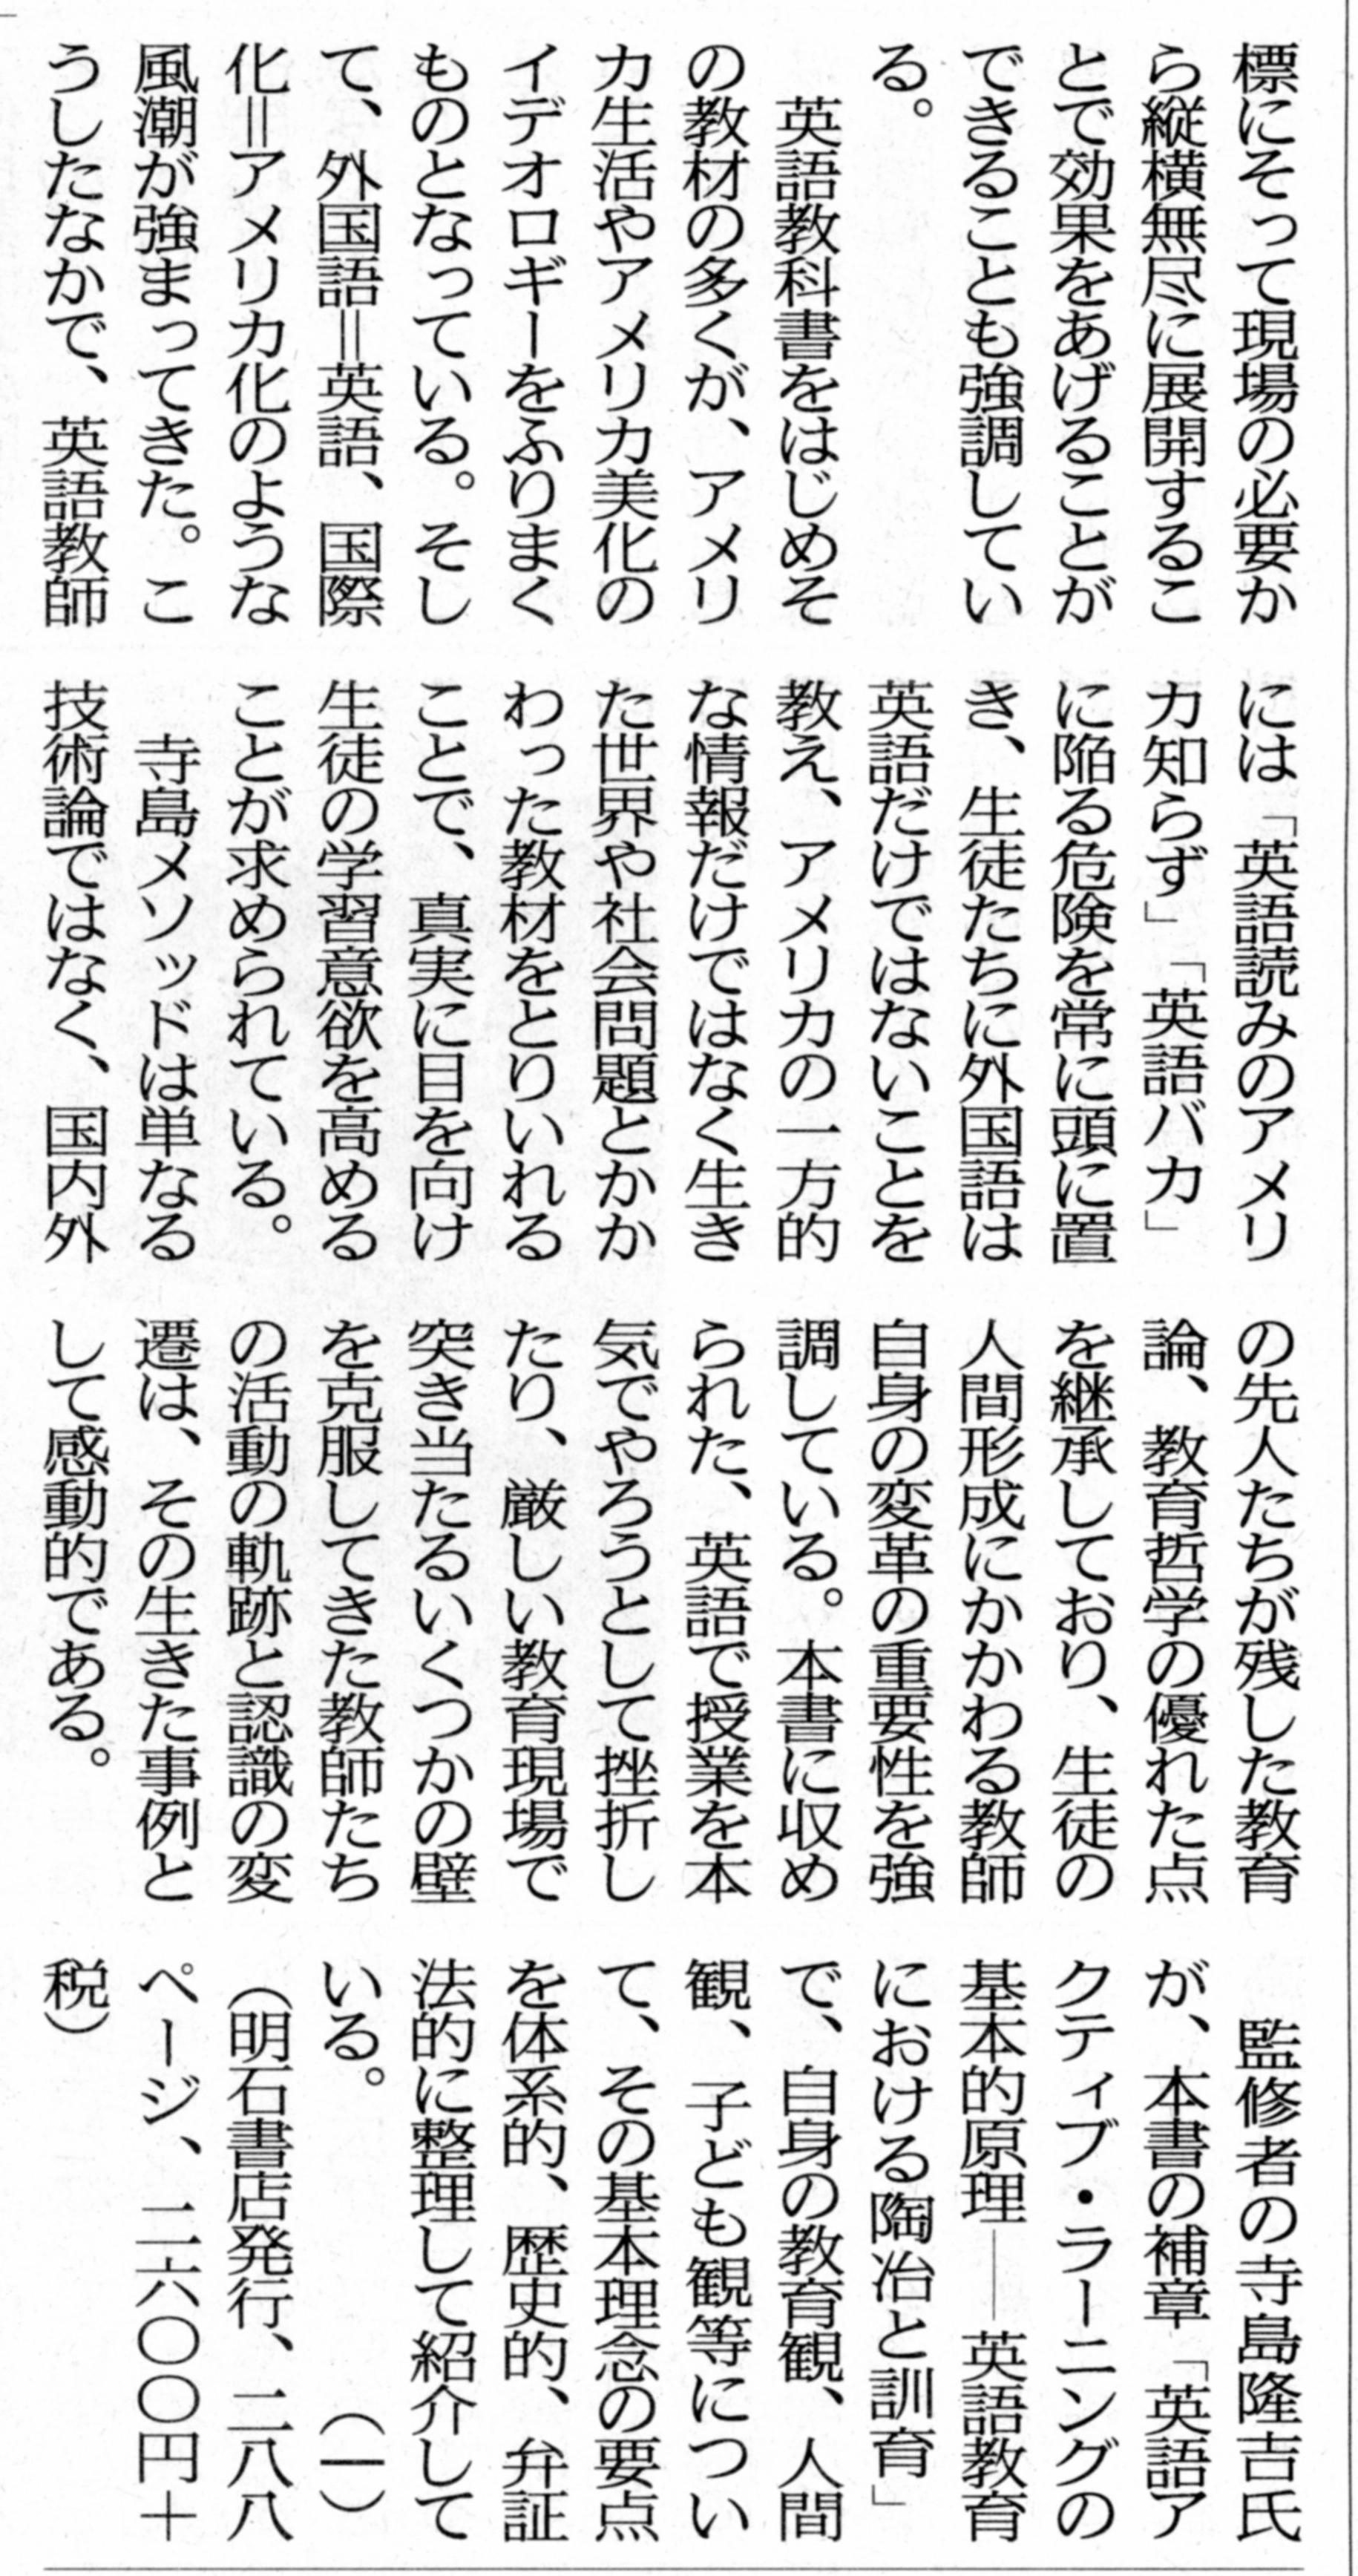 書評『寺島メソッド 英語アクティブラーニング』長周新聞2016年12月28日(2)